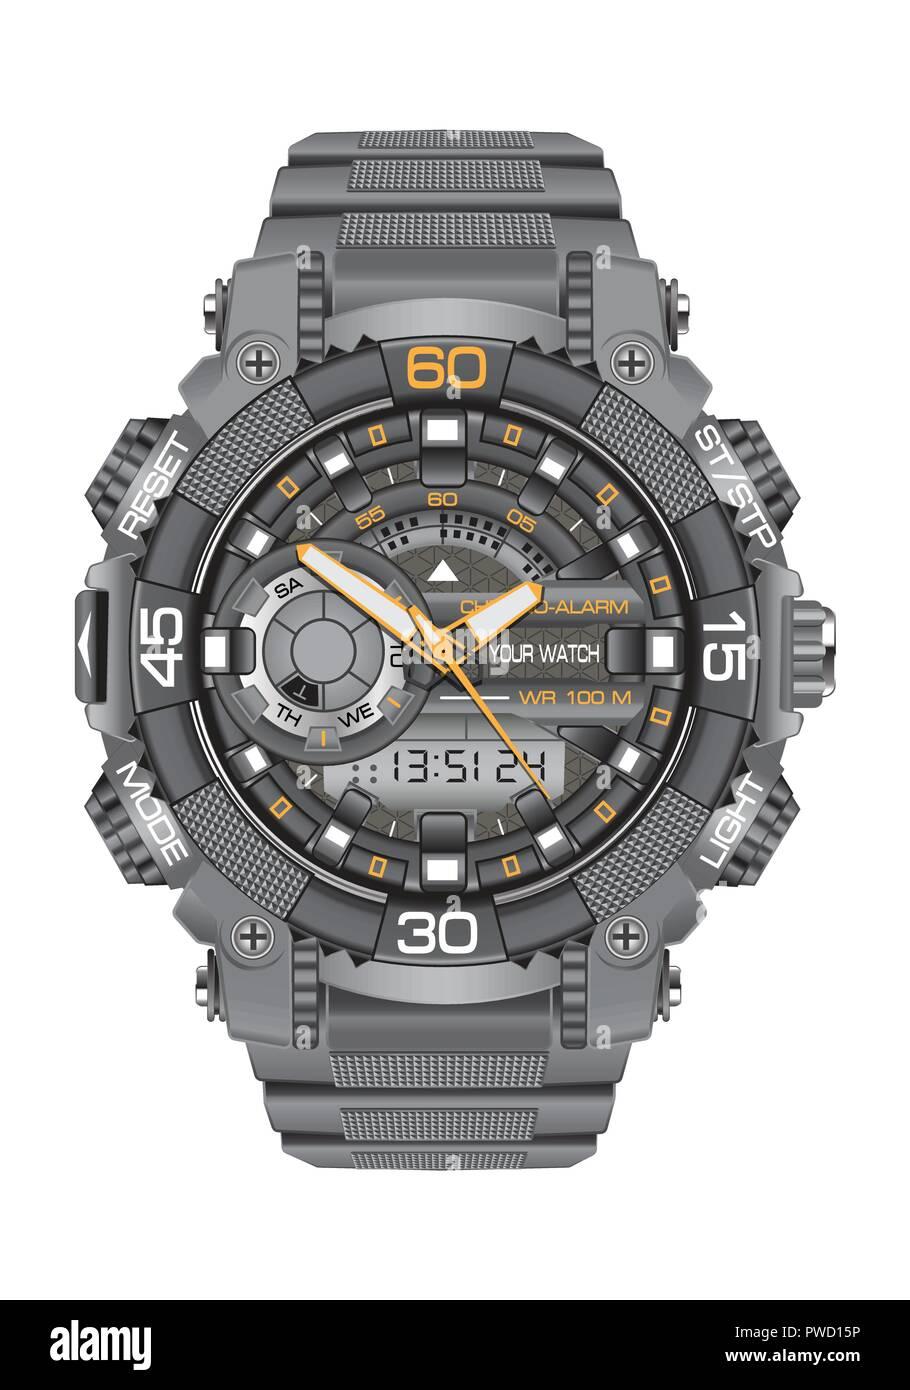 50418ab0281d Orologio realistico guardare dello sport cronografo digitale grigio per  uomini disegno moderno su sfondo bianco illustrazione